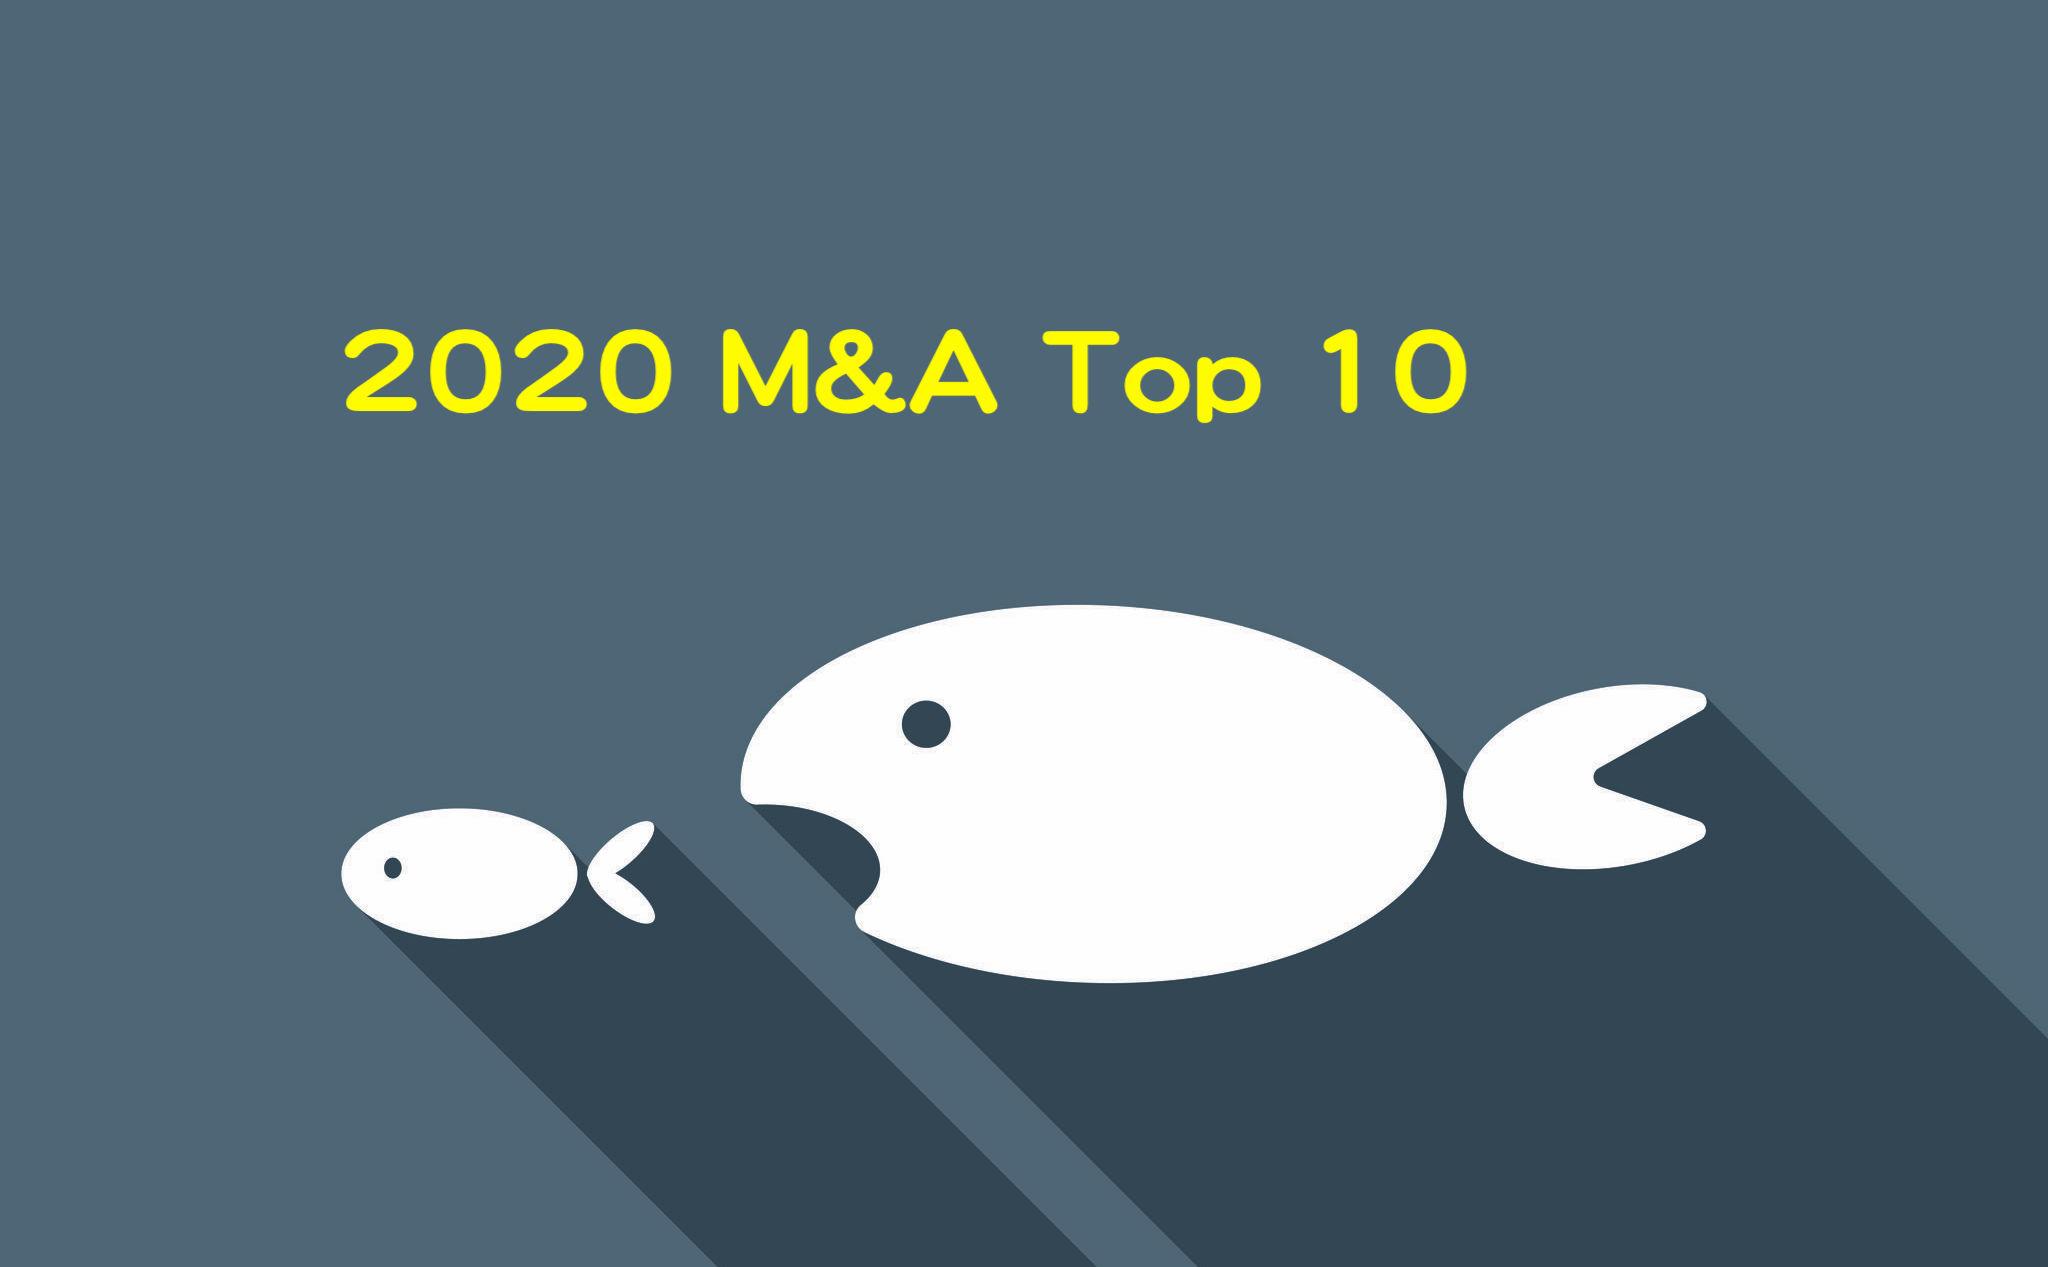 簡析 2020 十大生醫併購案:疫情趨緩,下半年交易回升?